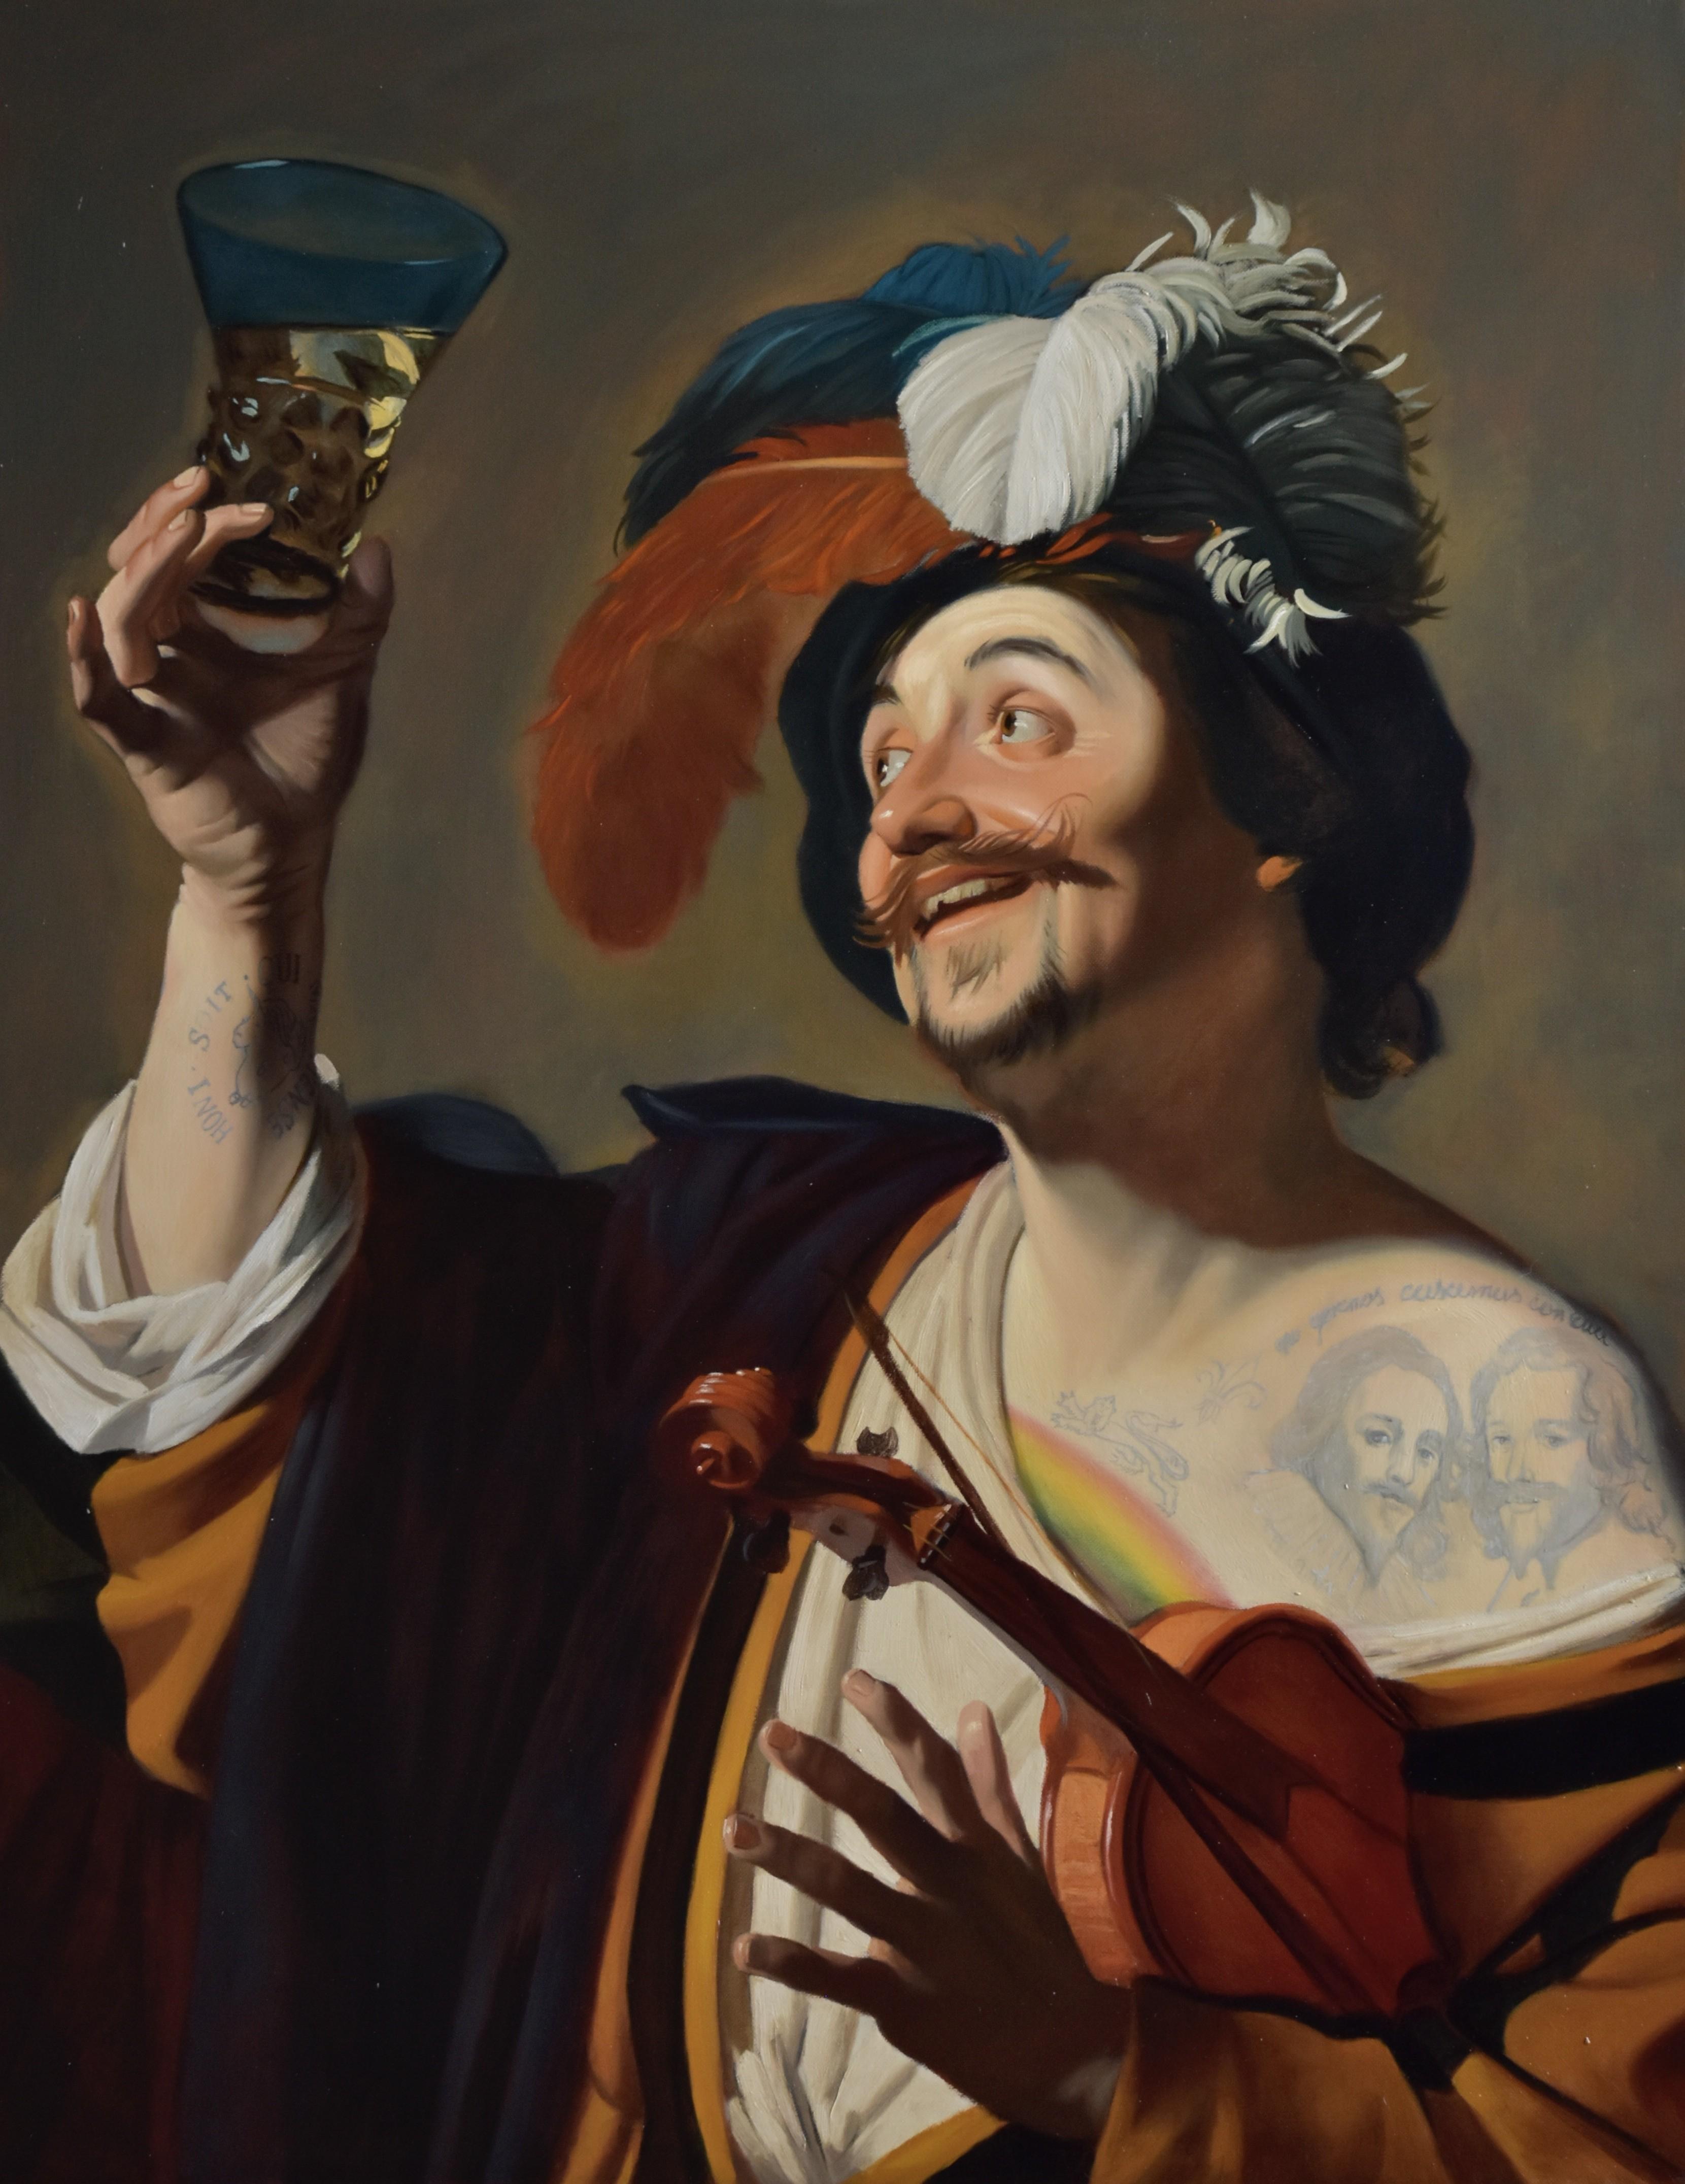 Szczęśliwy skrzypek ze szklanką wina, 2020